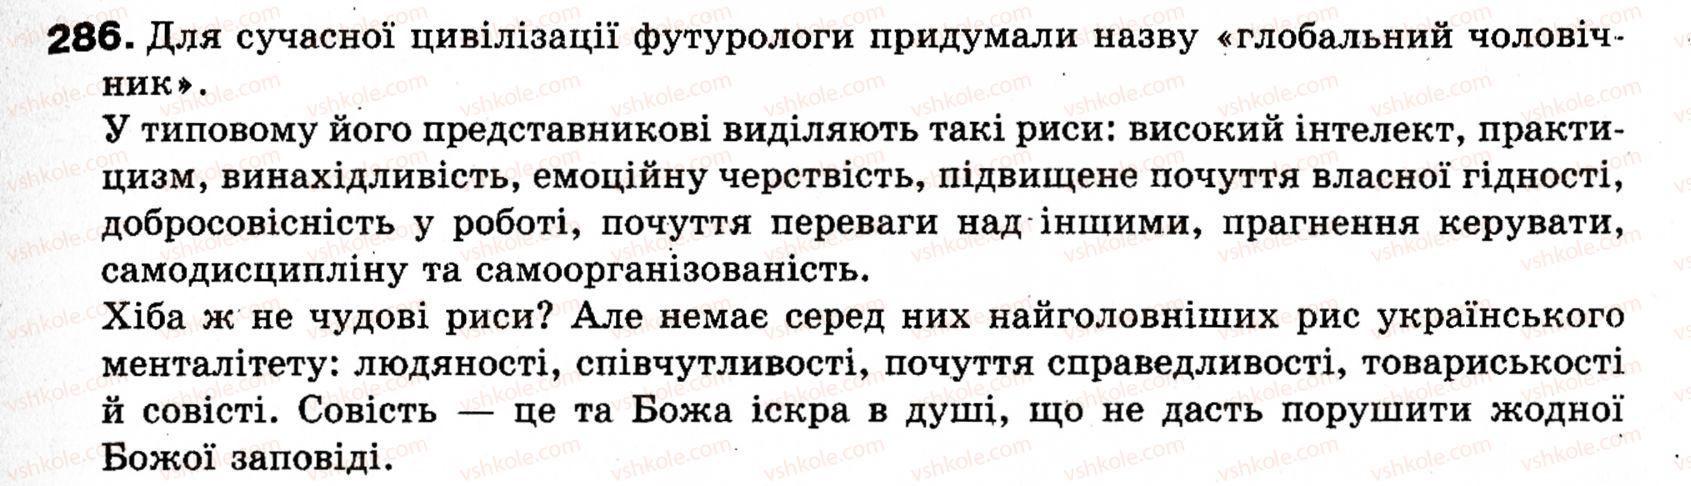 8 мови української гдз глазова клас